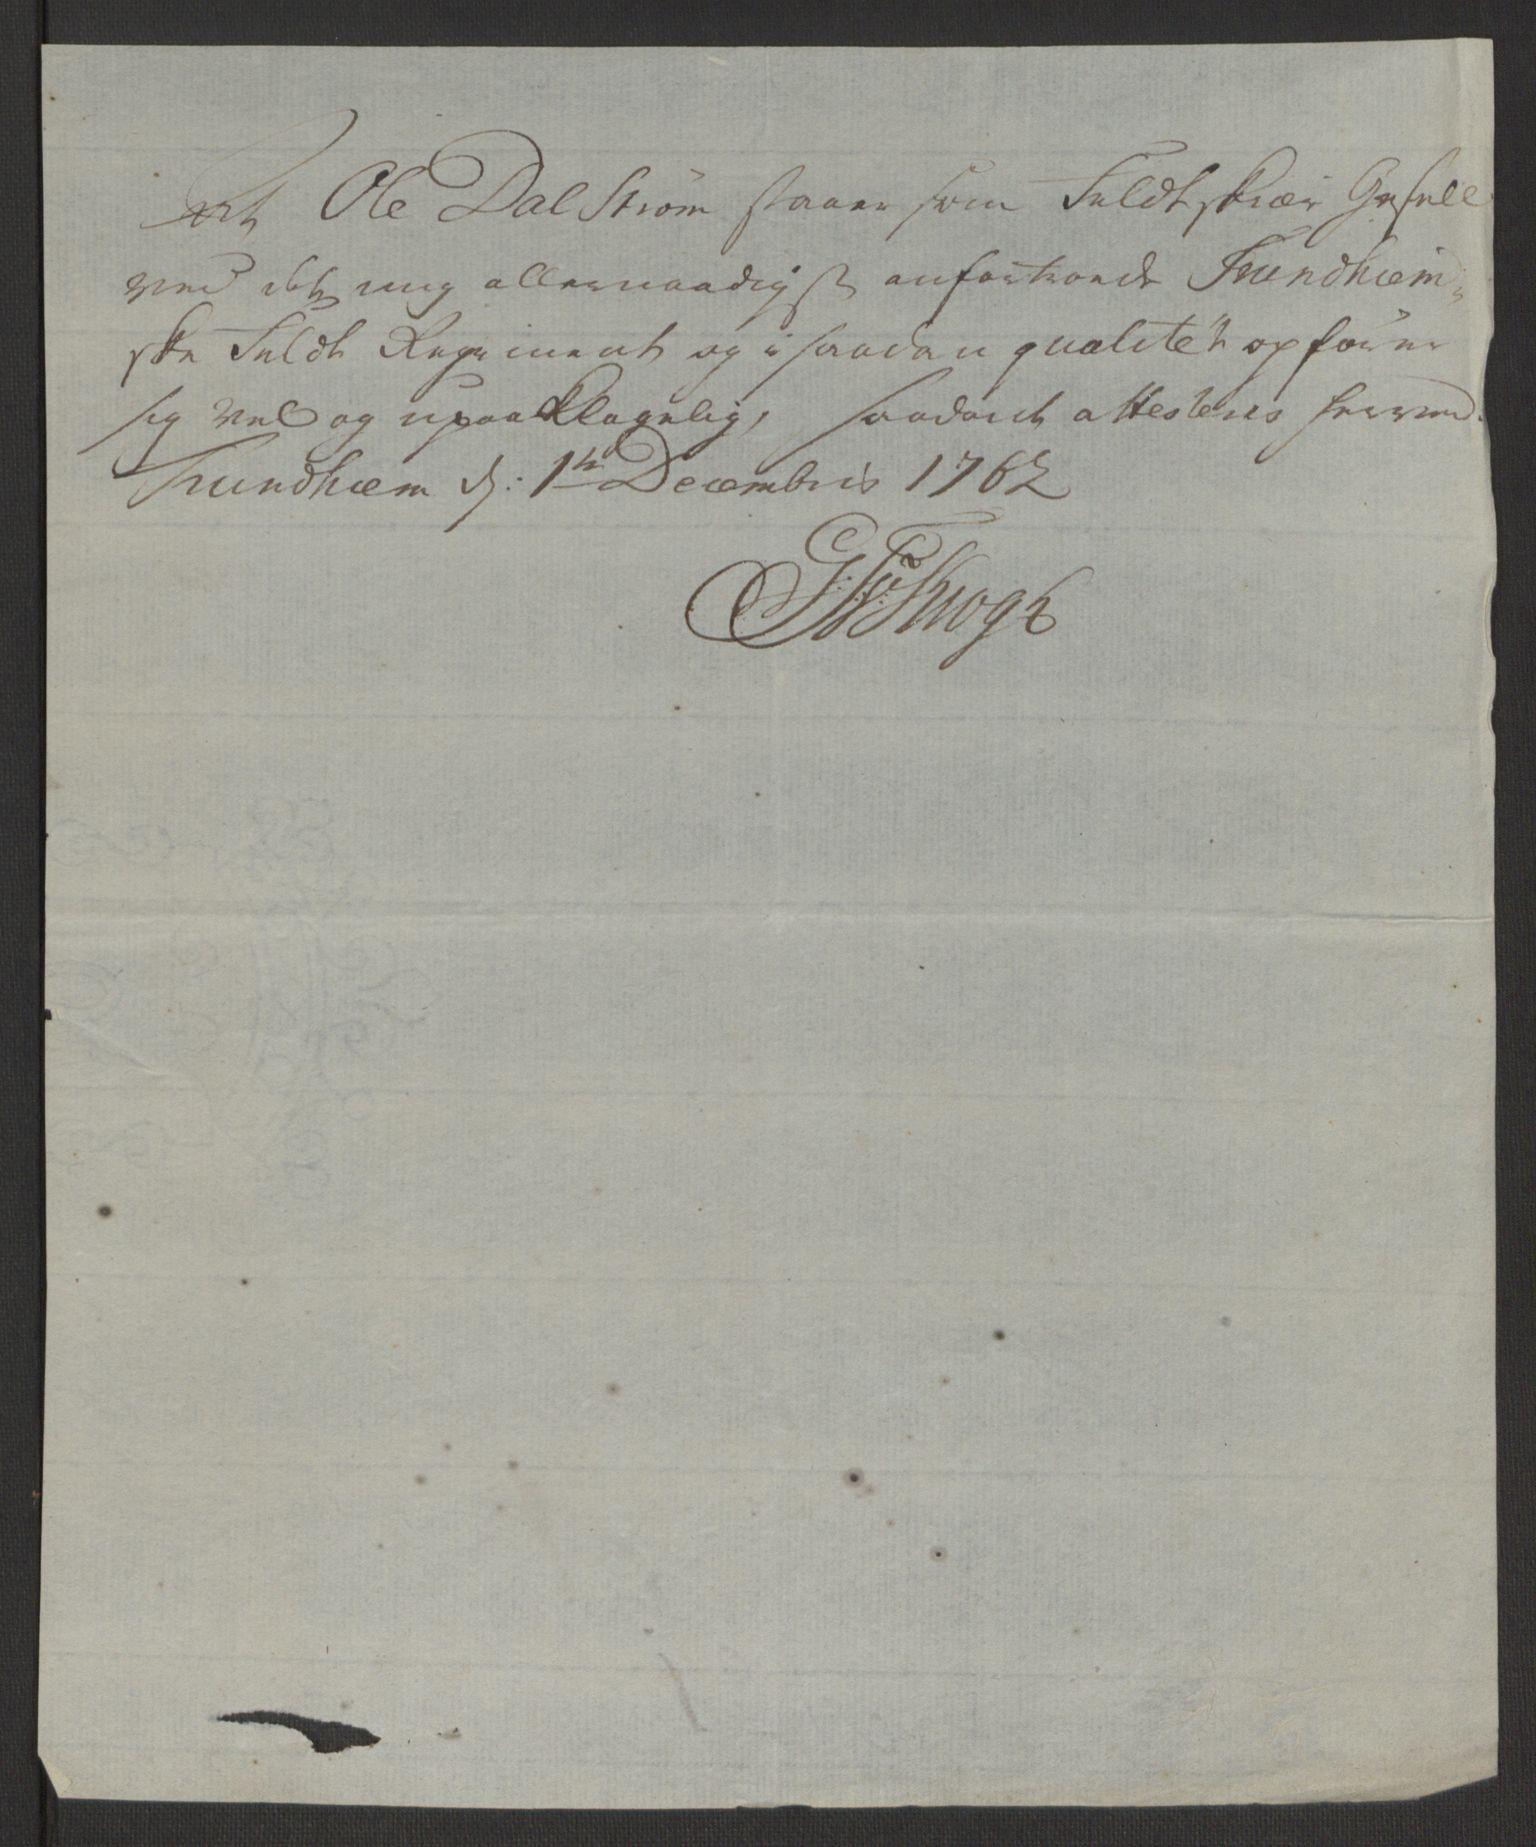 RA, Rentekammeret inntil 1814, Reviderte regnskaper, Byregnskaper, R/Rs/L0516: [S9] Kontribusjonsregnskap, 1762-1767, s. 102